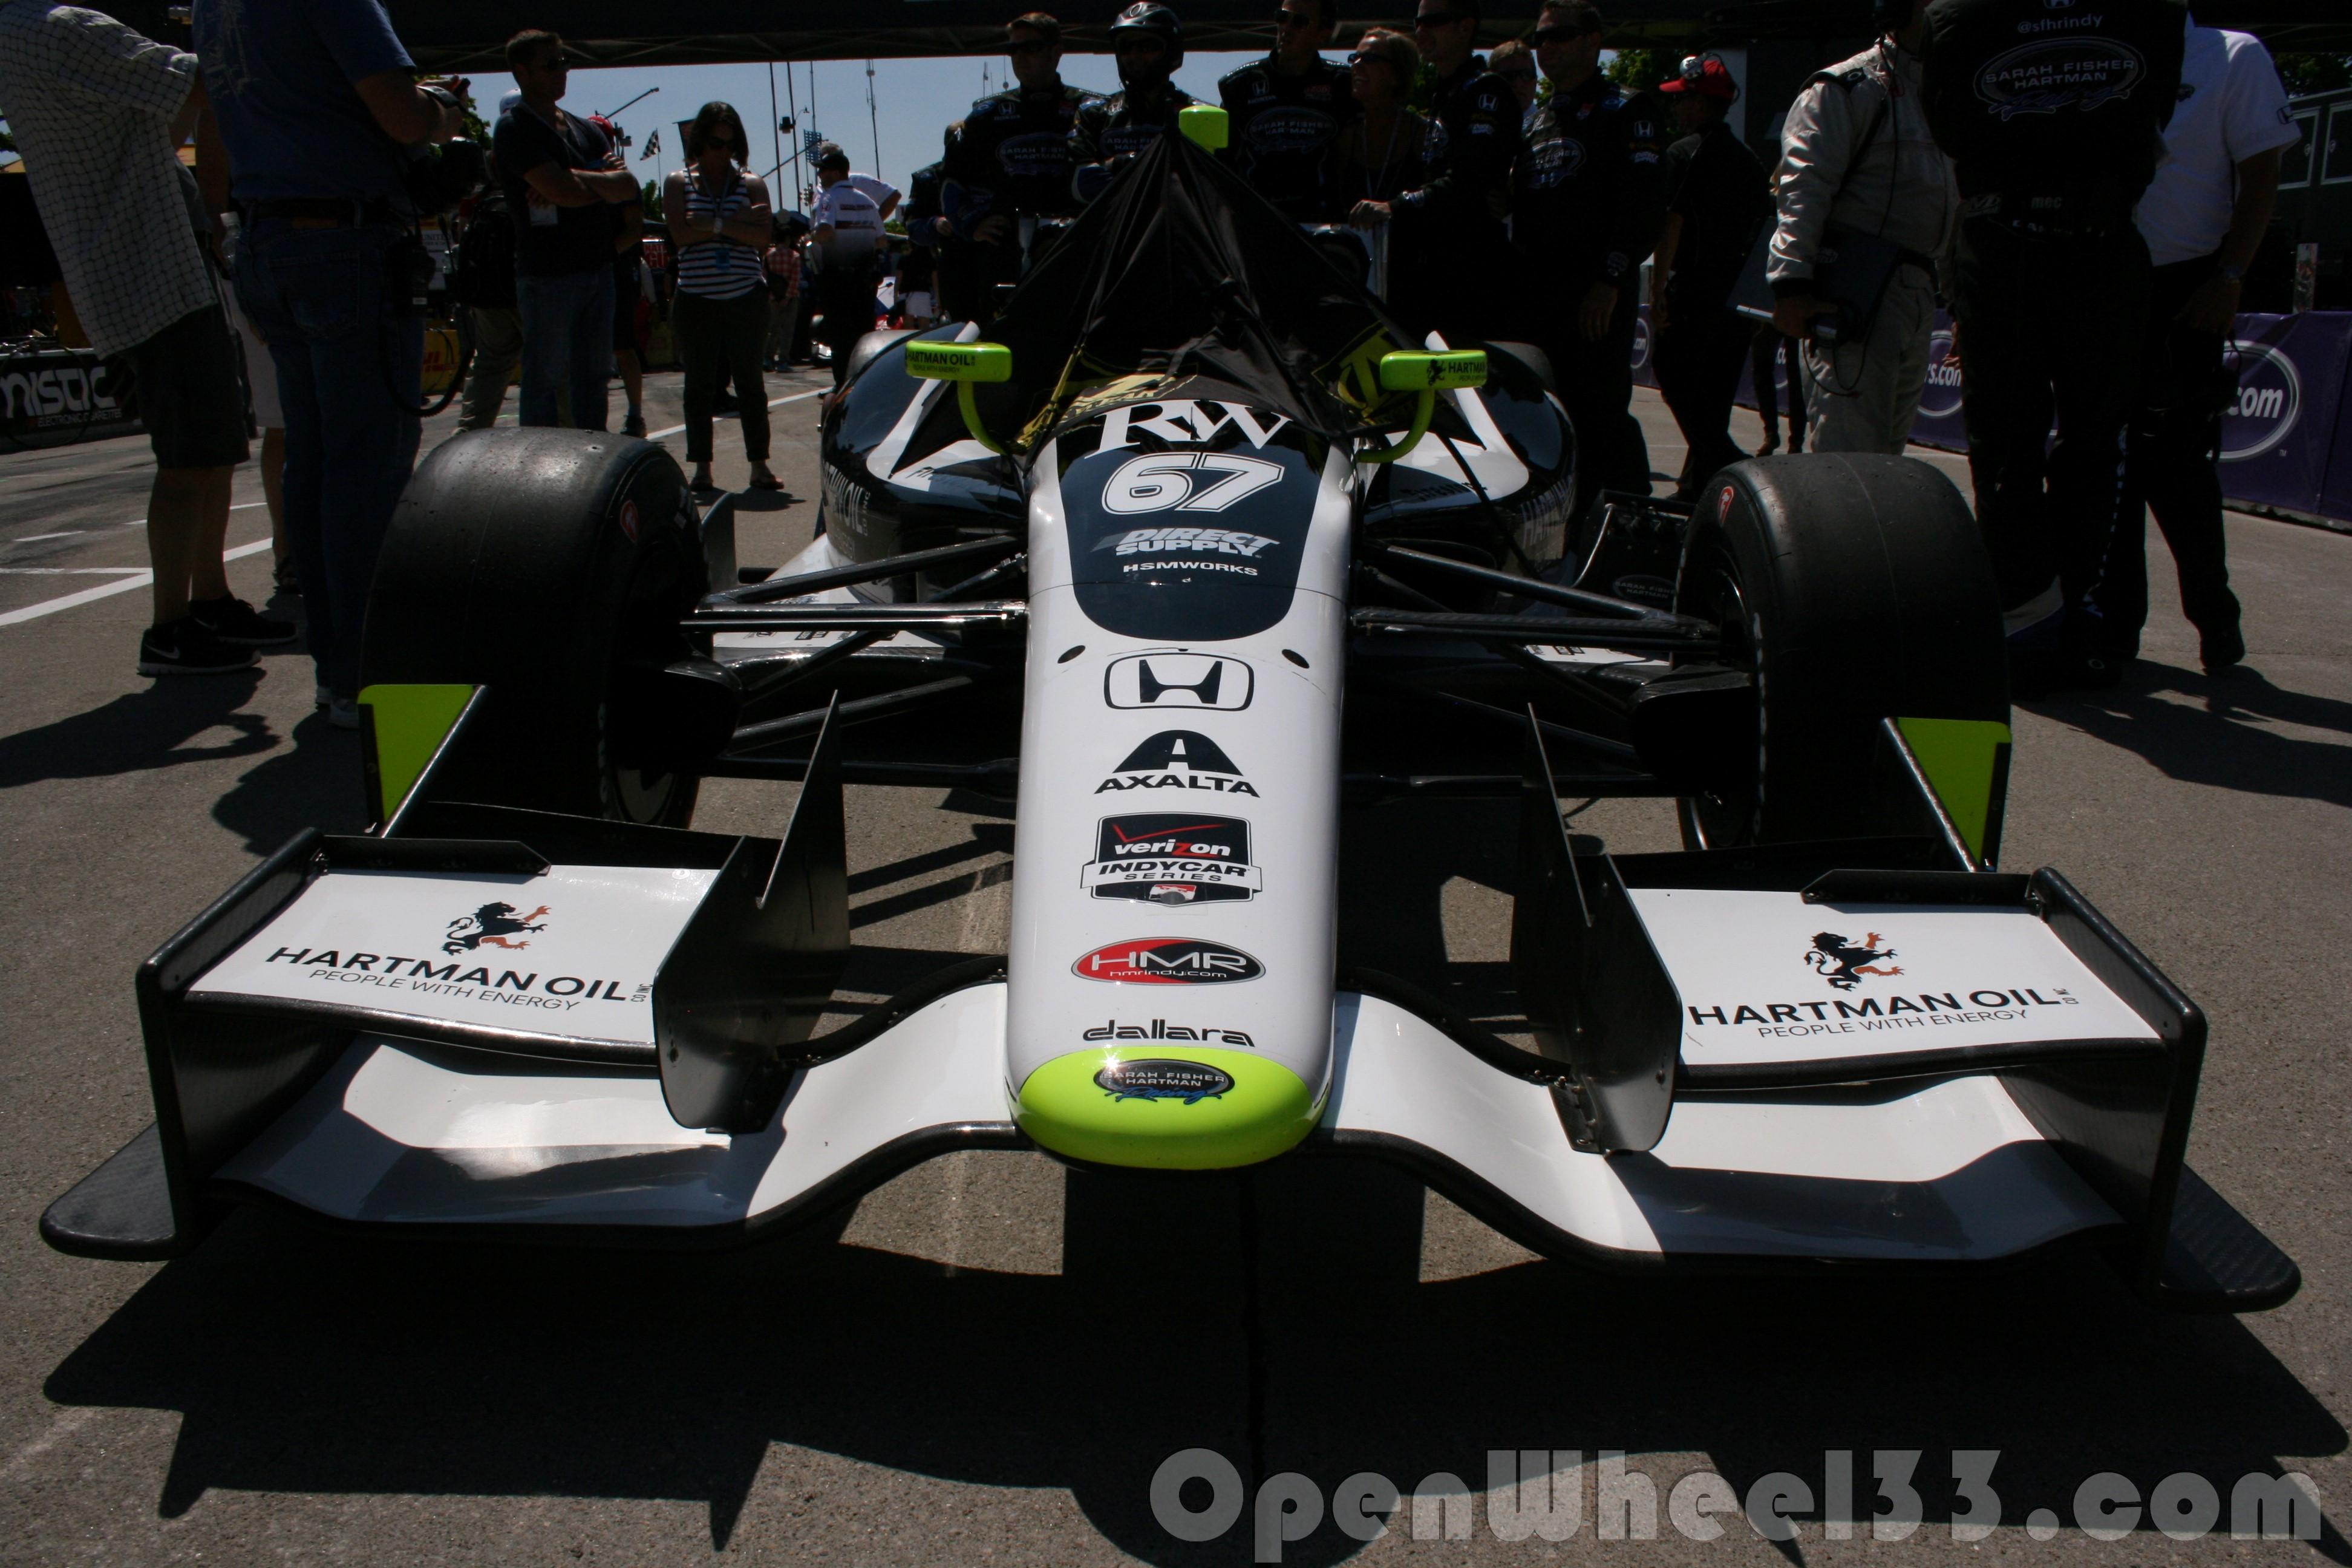 2014 Detroit GP R1 - 17 - PH